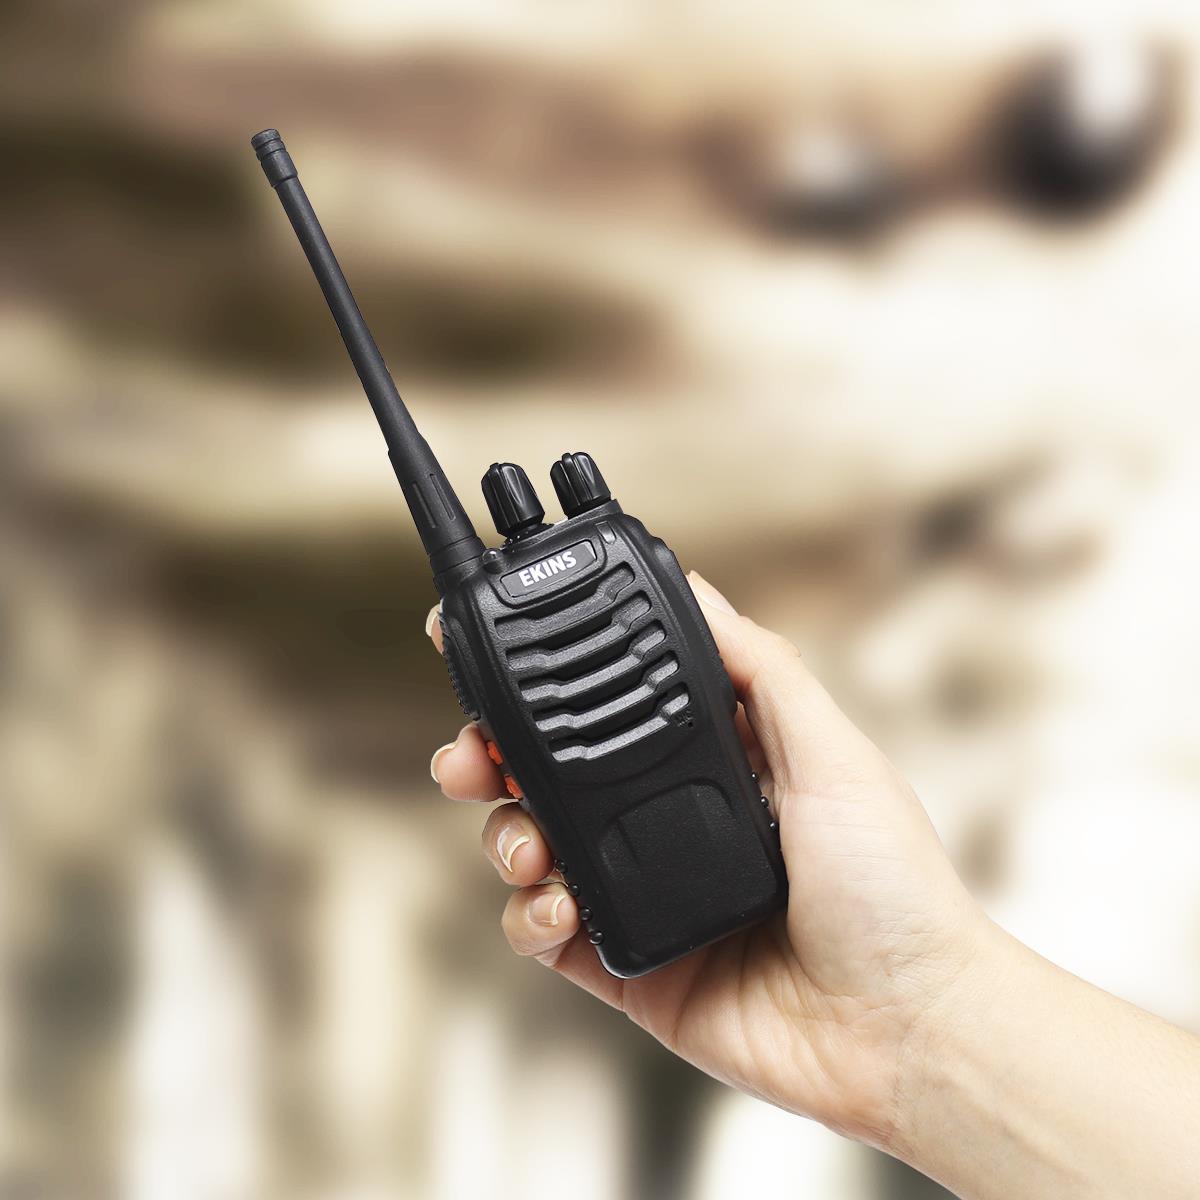 Radio Comunicador Walk-Talk Profissional 16 Canais Ekins - QE. De 469,90 por 329,90.